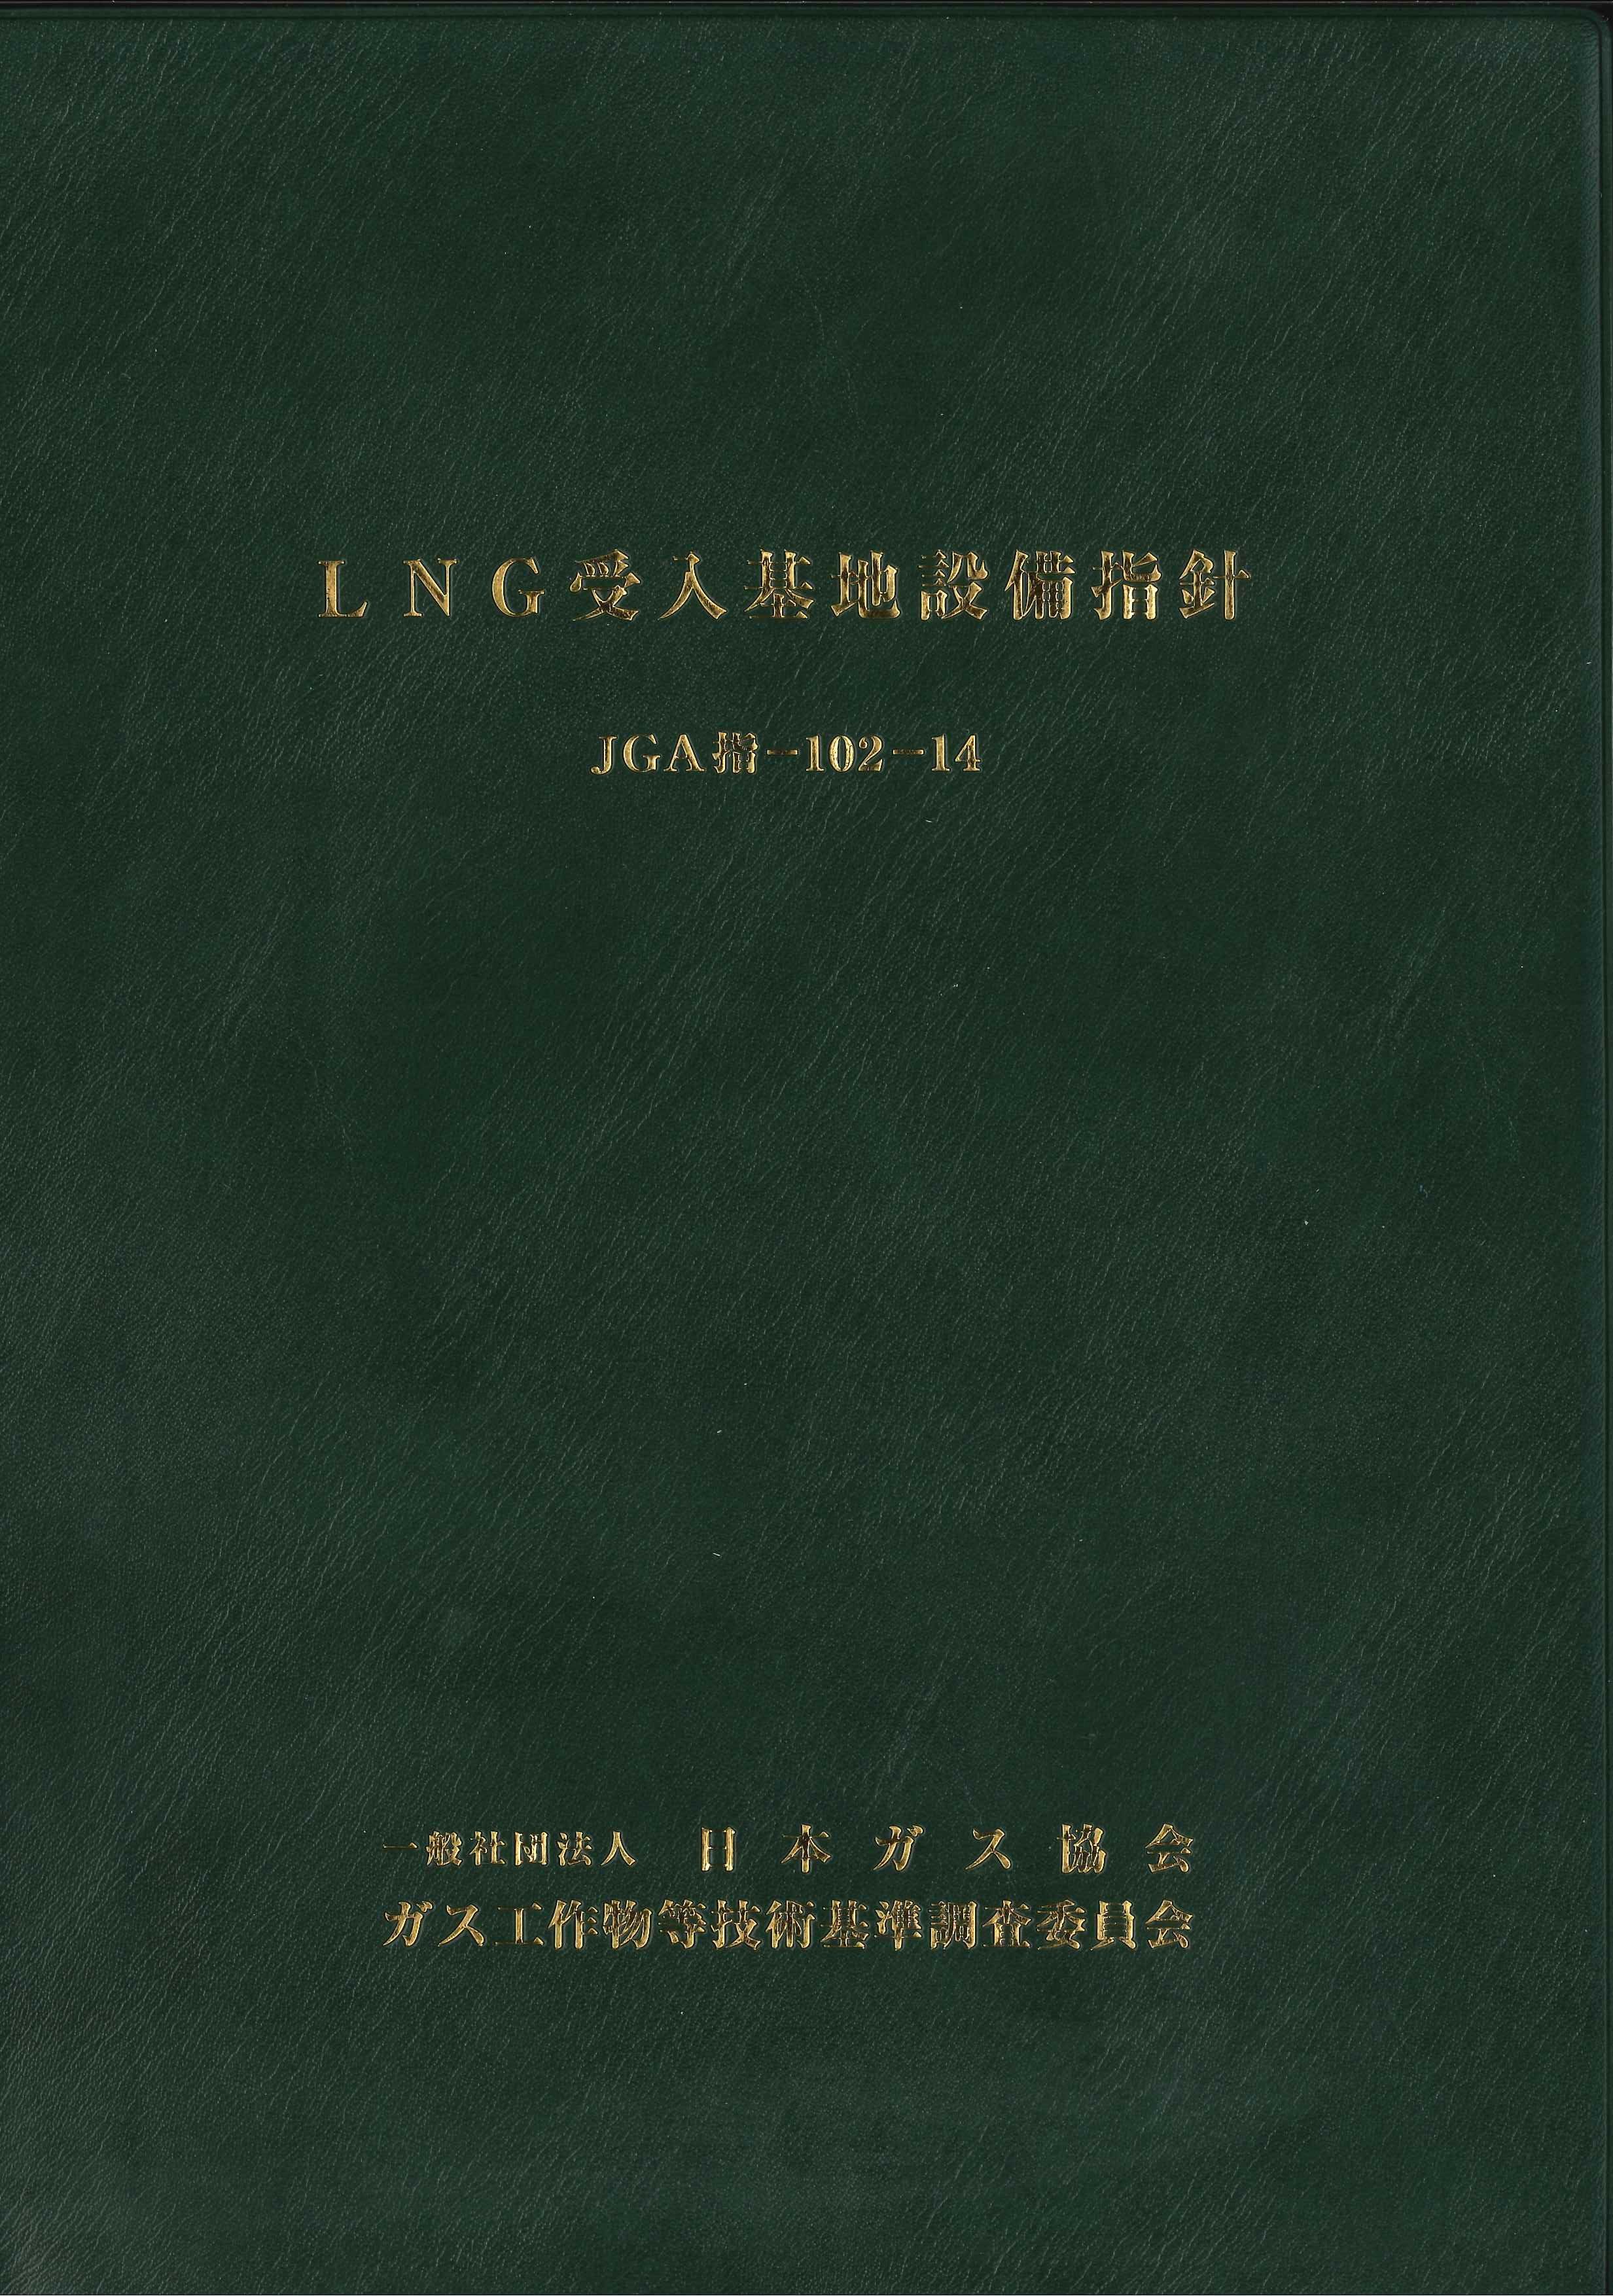 LNG受入基地設備指針